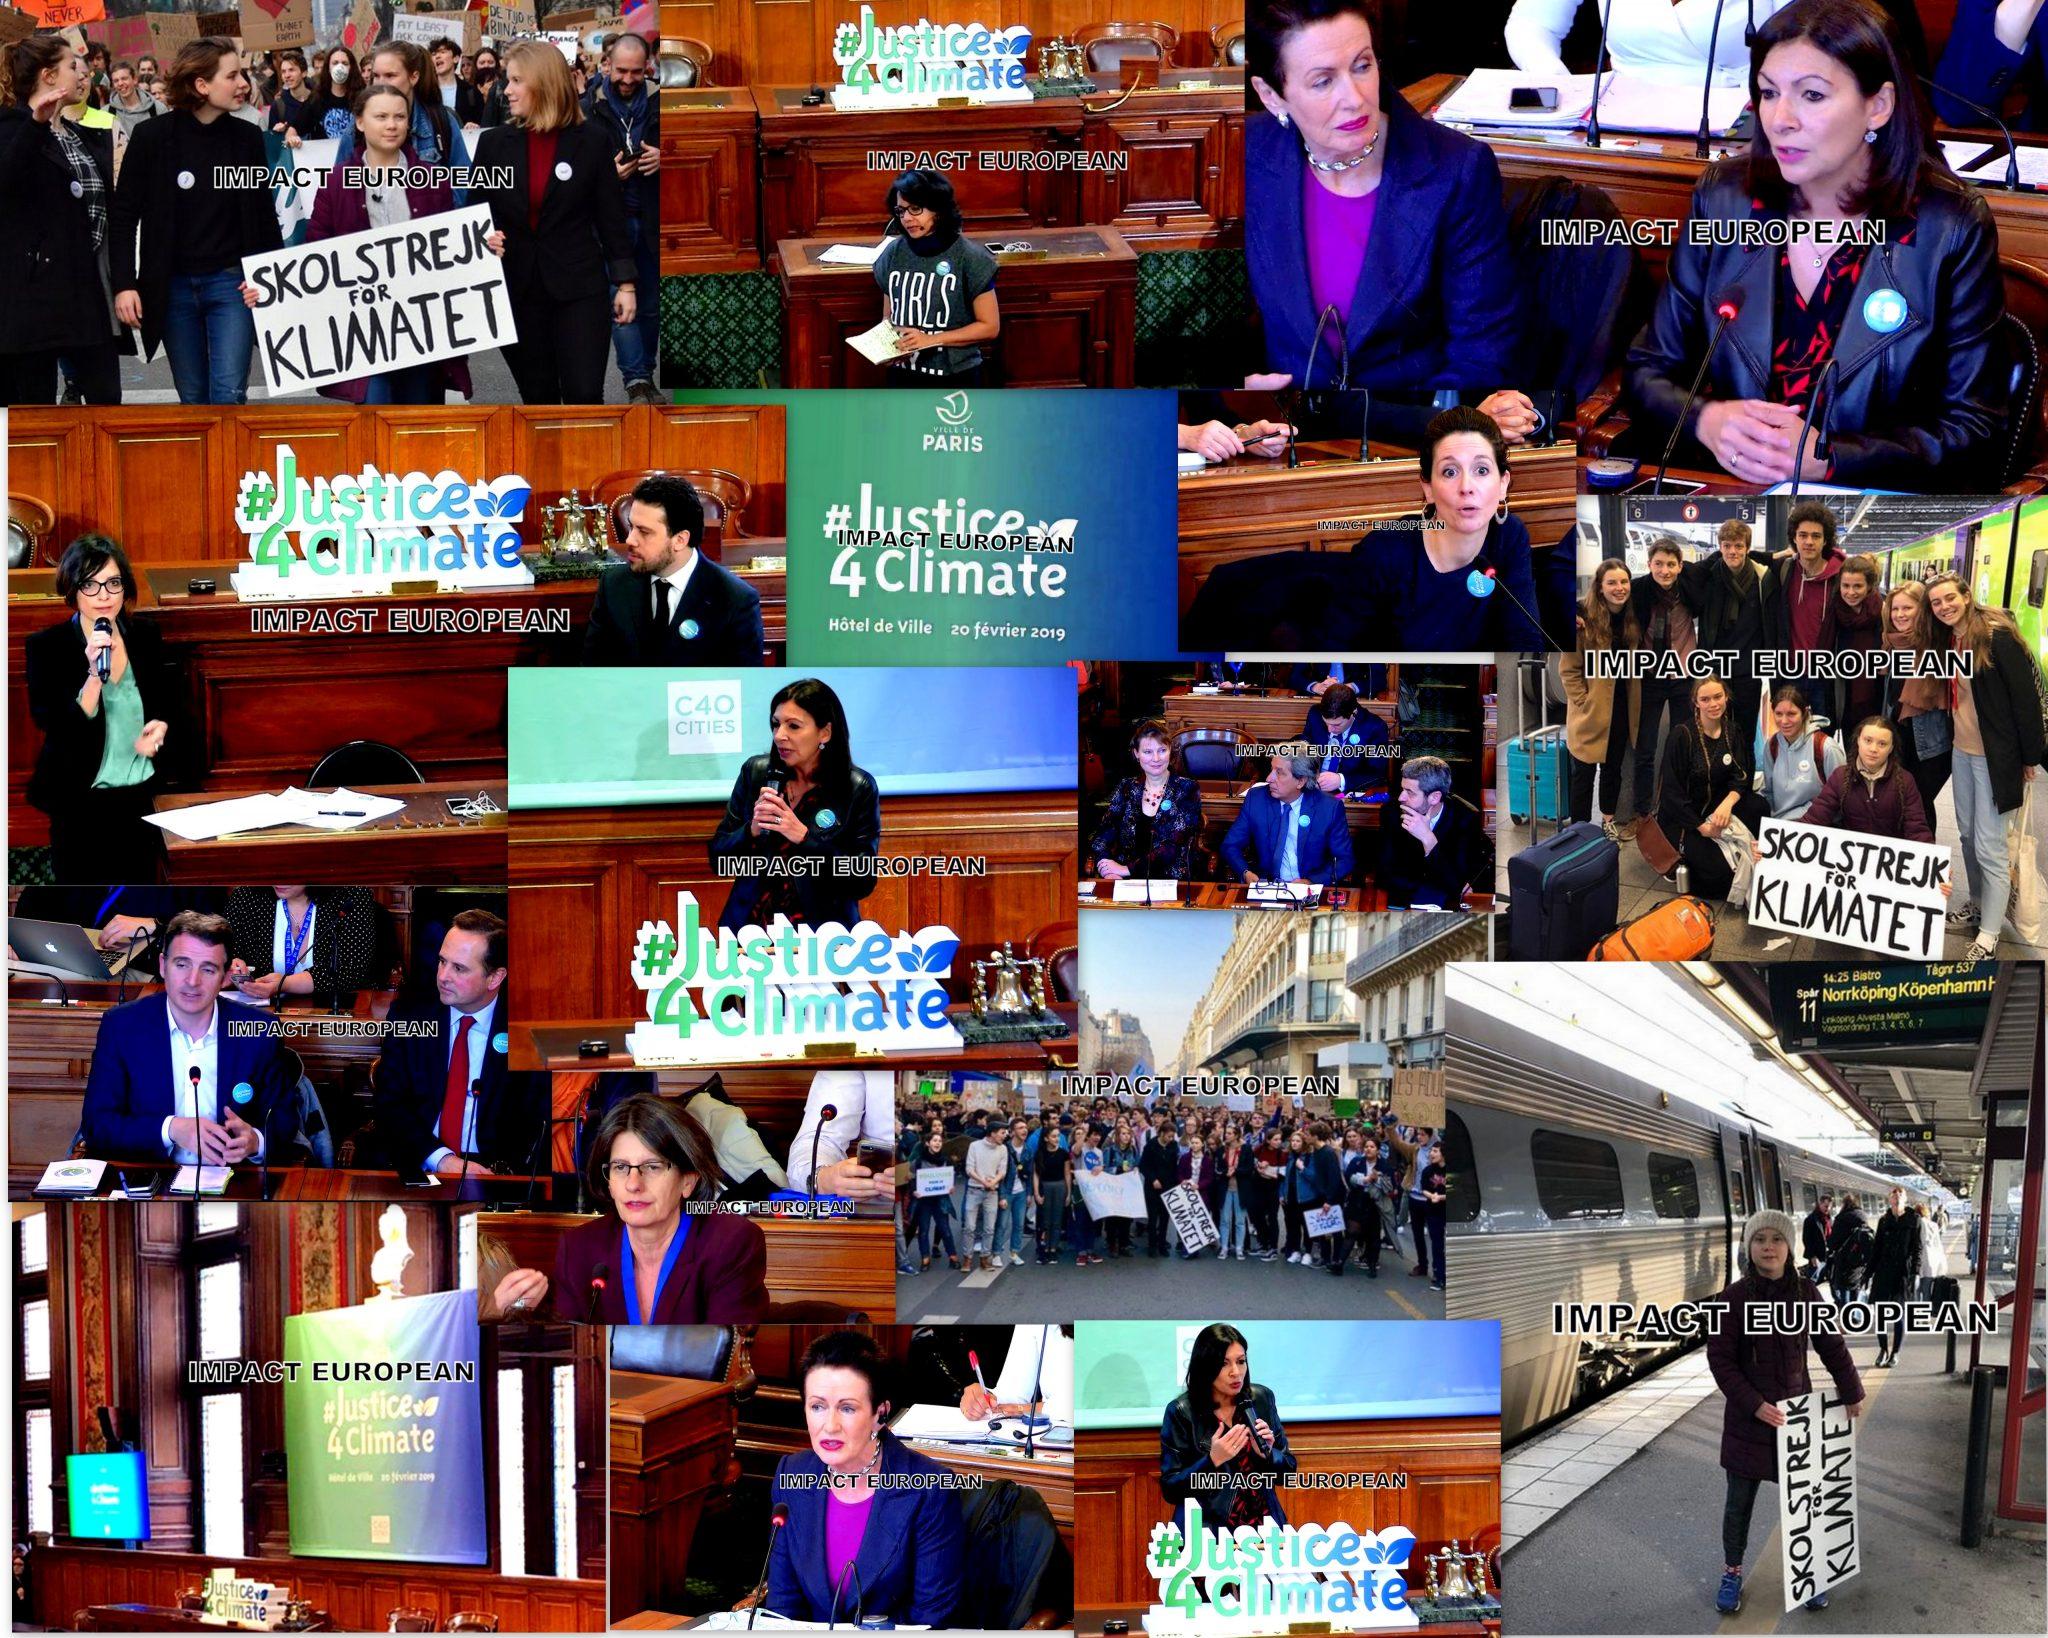 Justice4Climate: Dernier recours en faveur de la justice climatique